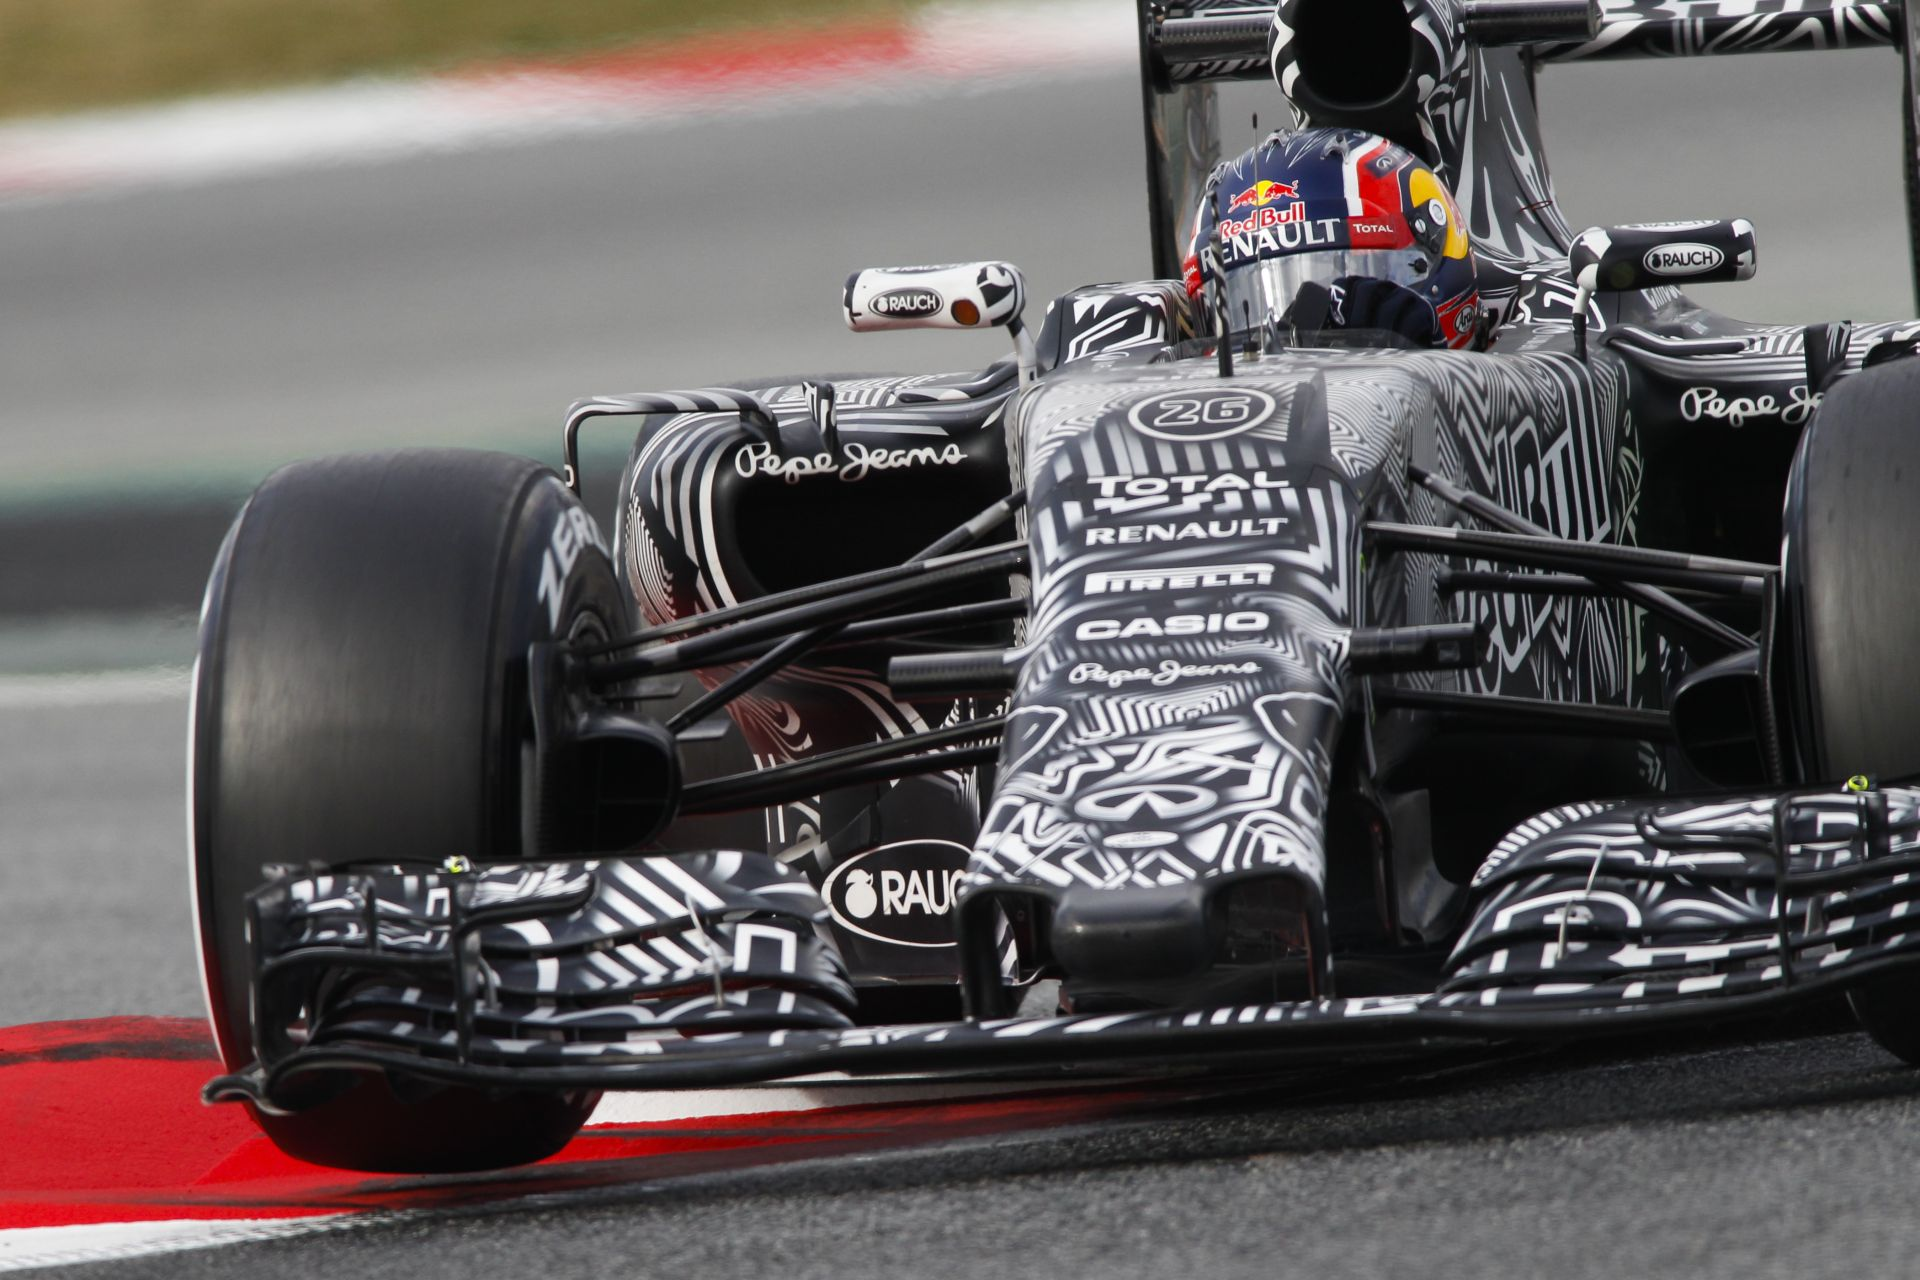 Vissza, vissza, vissza! A Red Bull nem tartotta be az ígéretét!